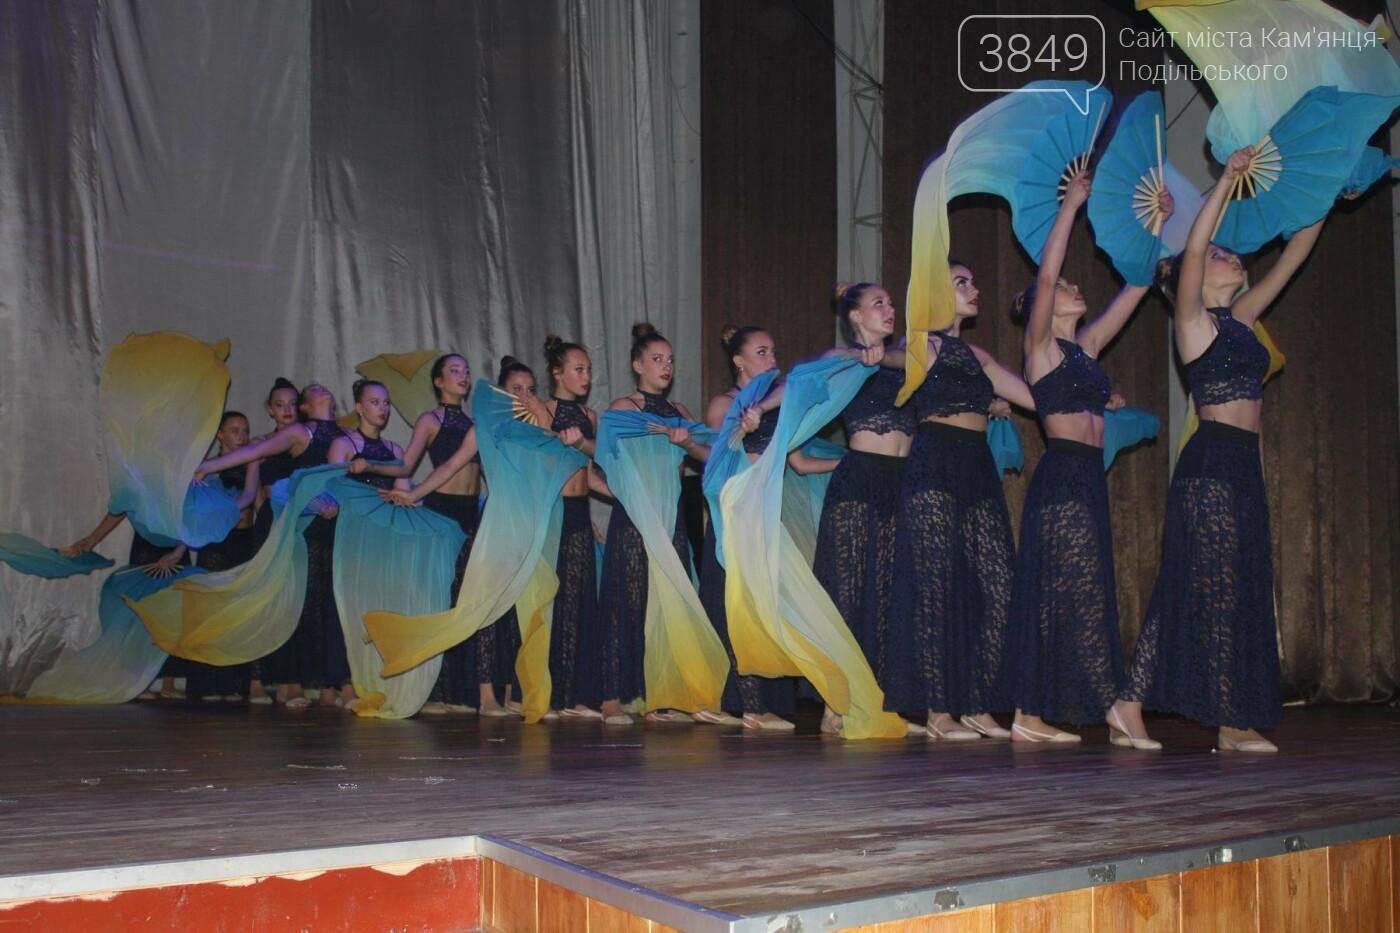 «Краса має своє ім'я». Хореографічна студія «Adjanta» святкує 10-річчя, фото-14